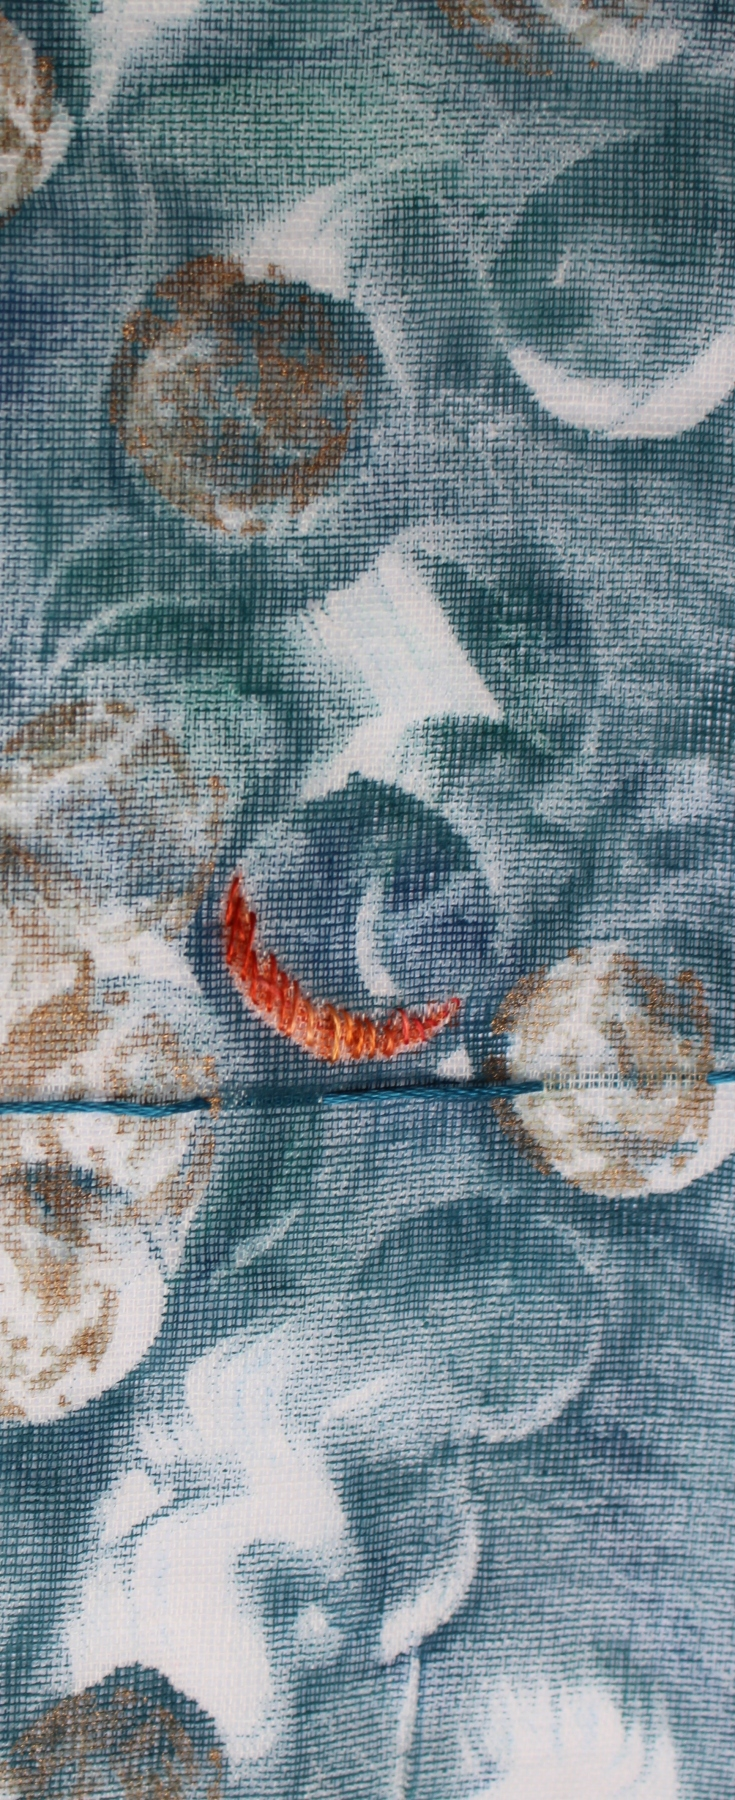 Cosmos (detail), Helen McLoughlin, element15